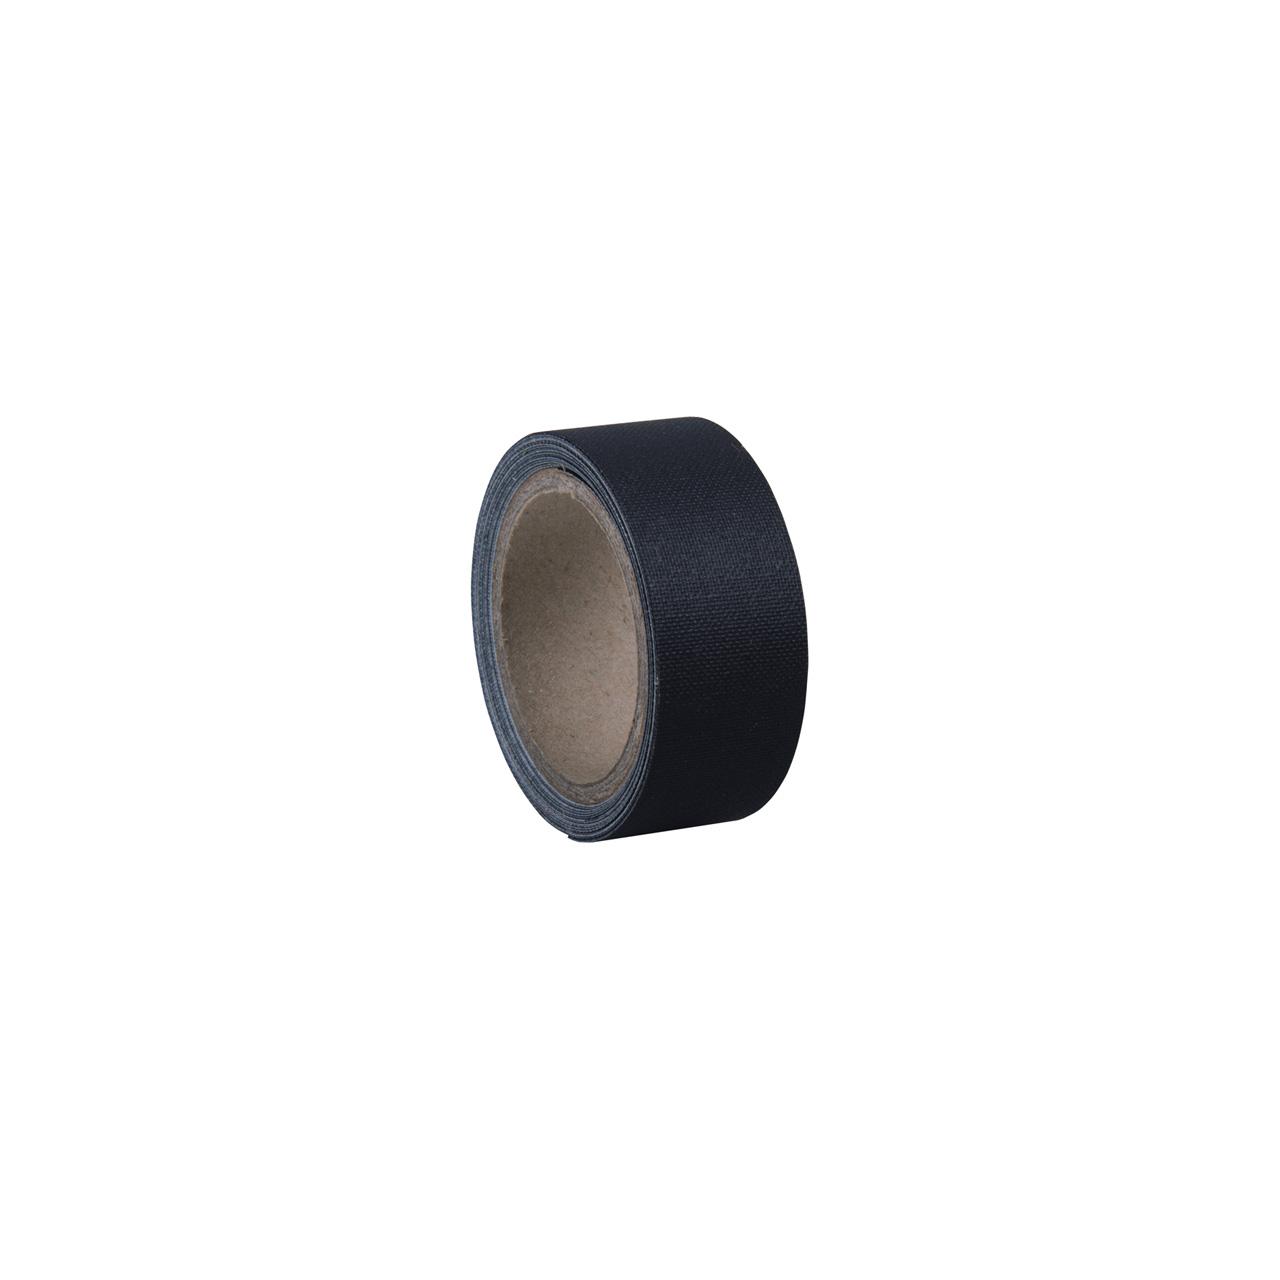 Gaffa Tape Kaufen : mini gaffa tape kaufen gaffa tape von allbuyone ~ Buech-reservation.com Haus und Dekorationen